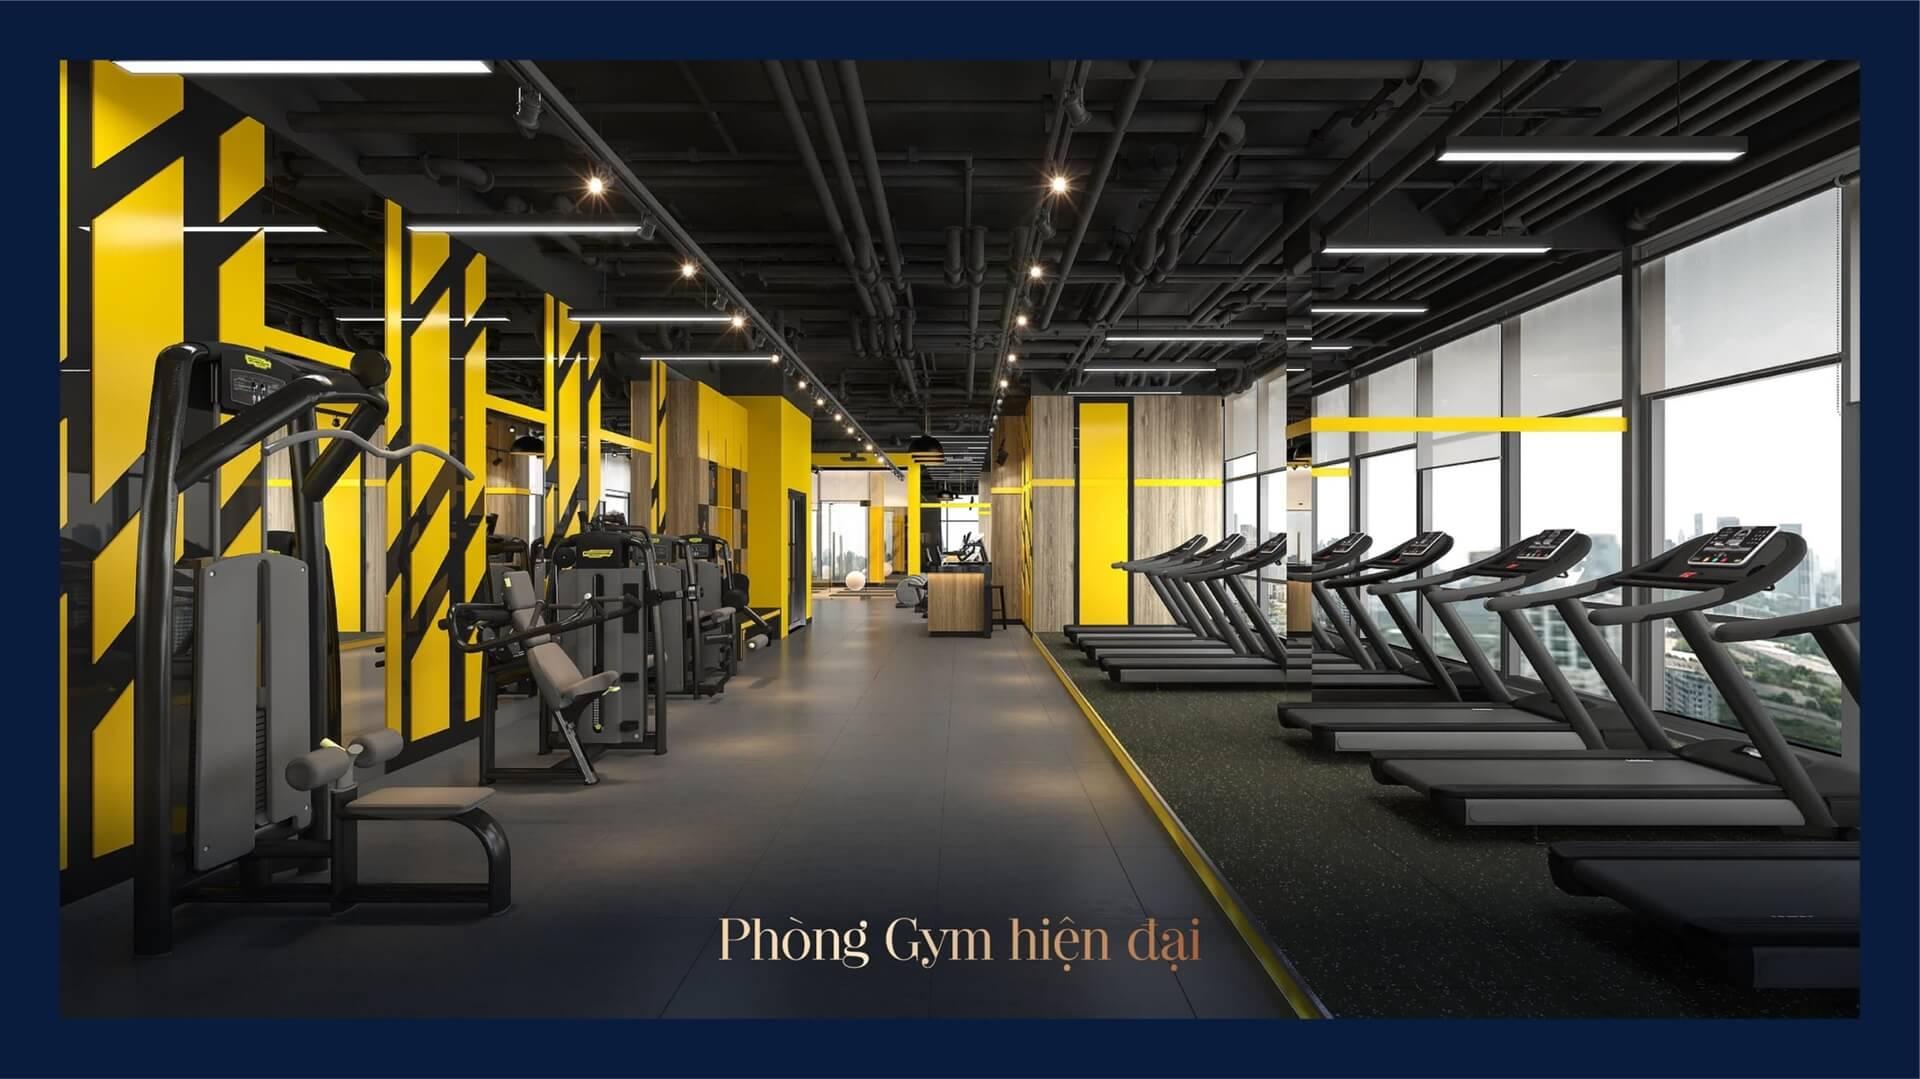 Phong-Gym-The-Duc-Hien-Dai-Du-An-Grand-Manhattan-Q1-HCM-Novaland